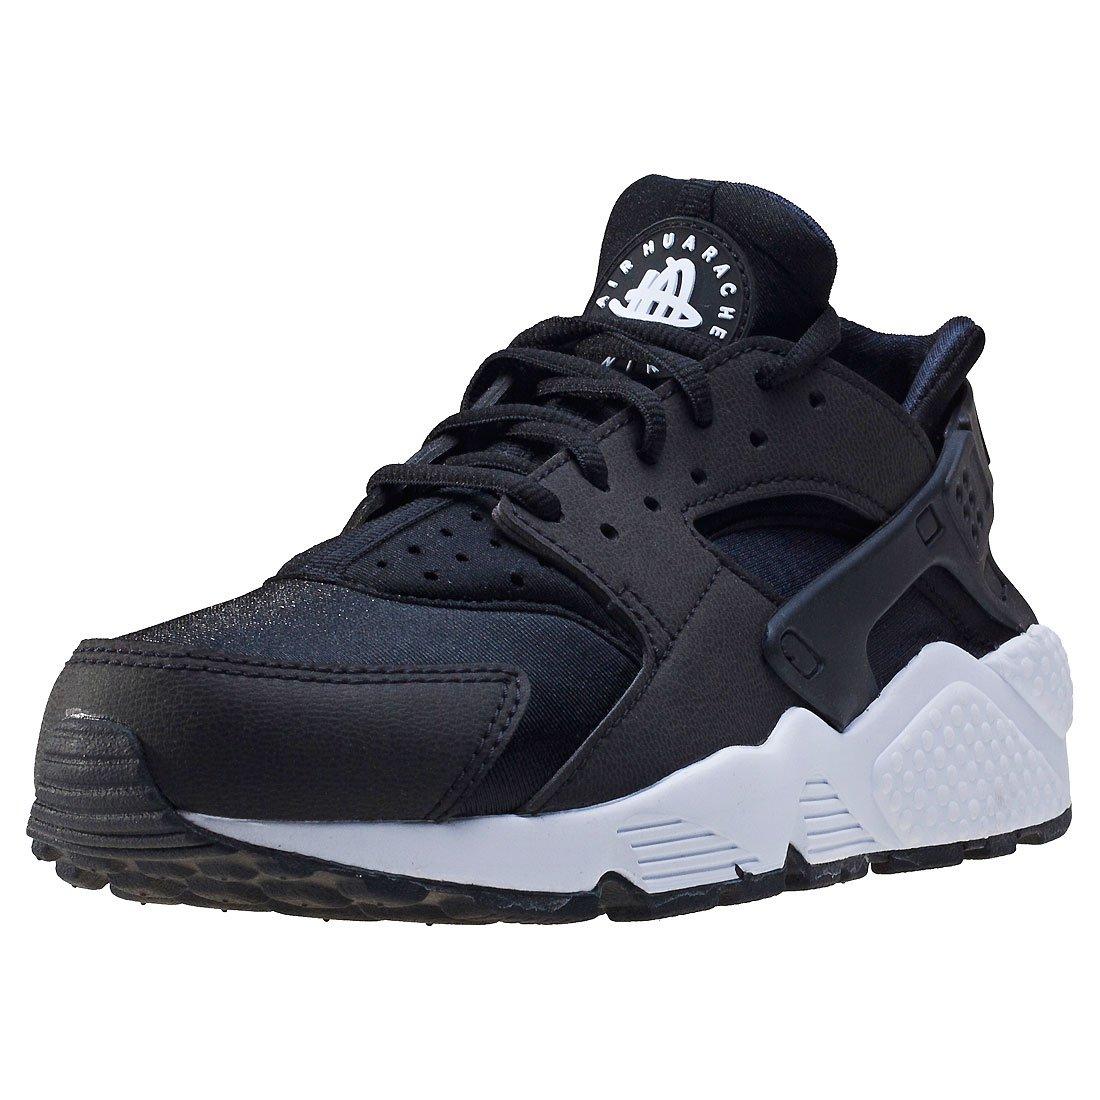 4cb98d2d690f Nike Air Huarache